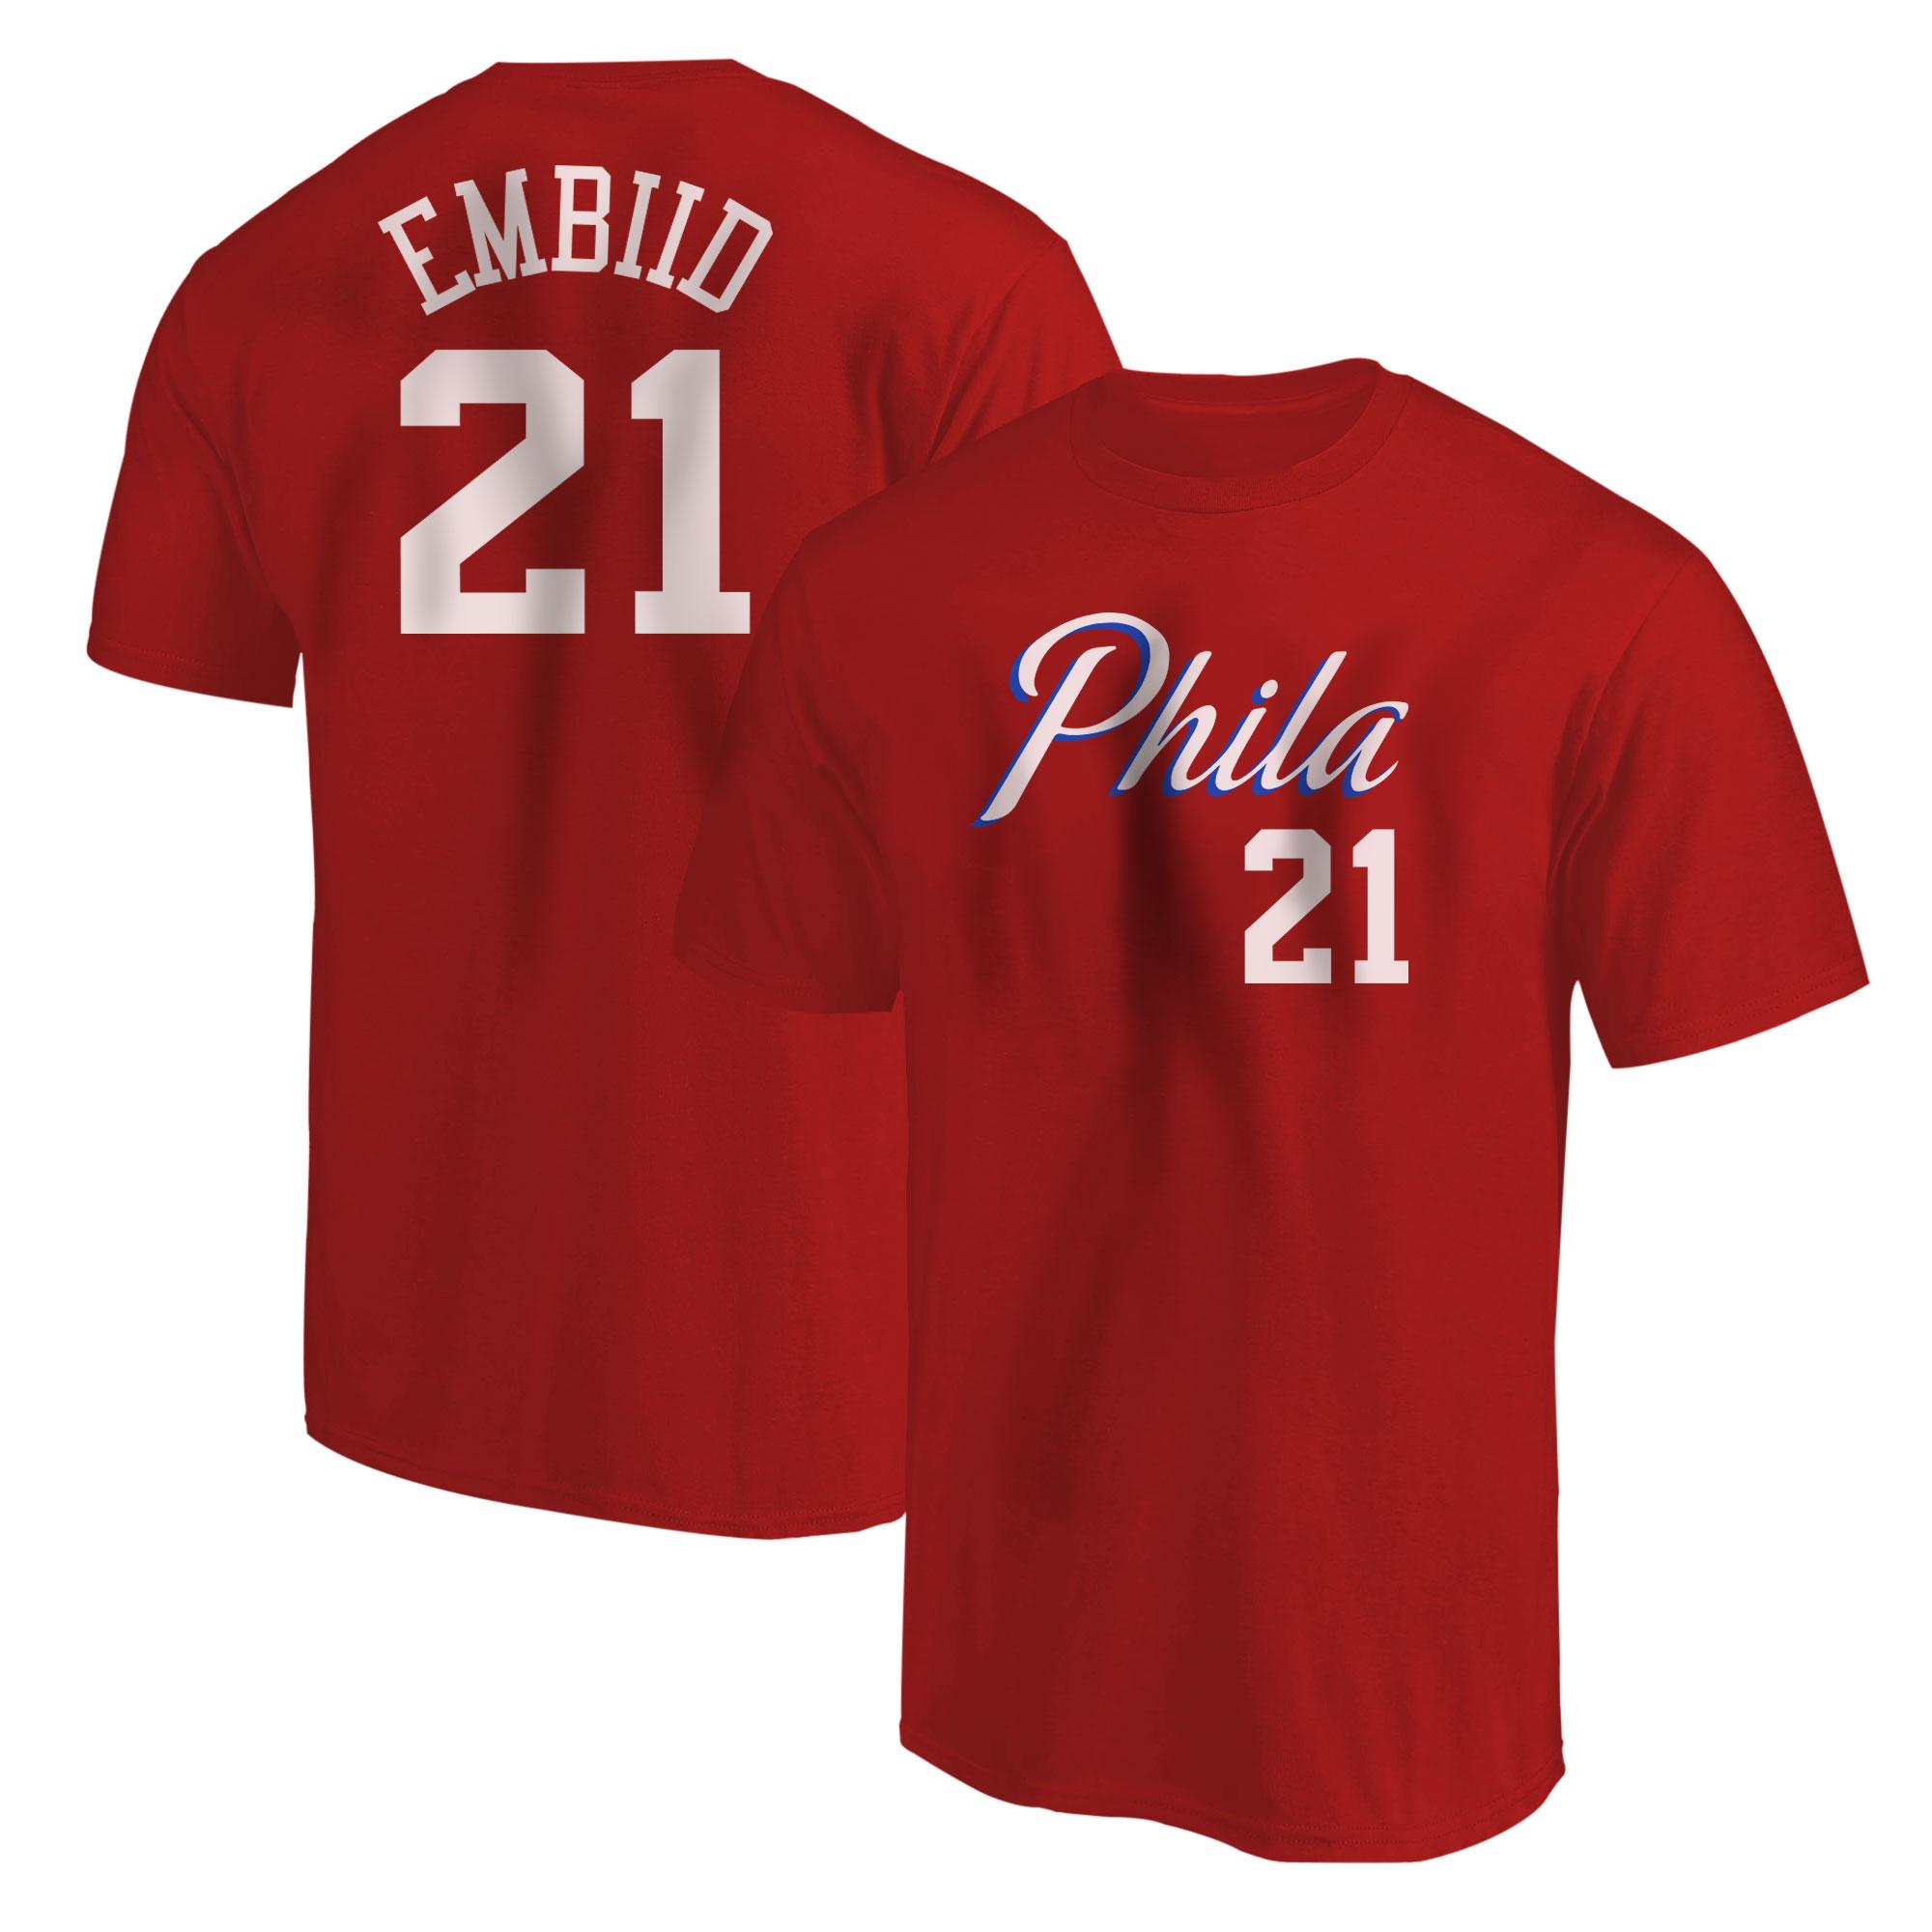 Philadelphia 76ers Joel Embiid Tshirt (TSH-RED-PLT-504-21)